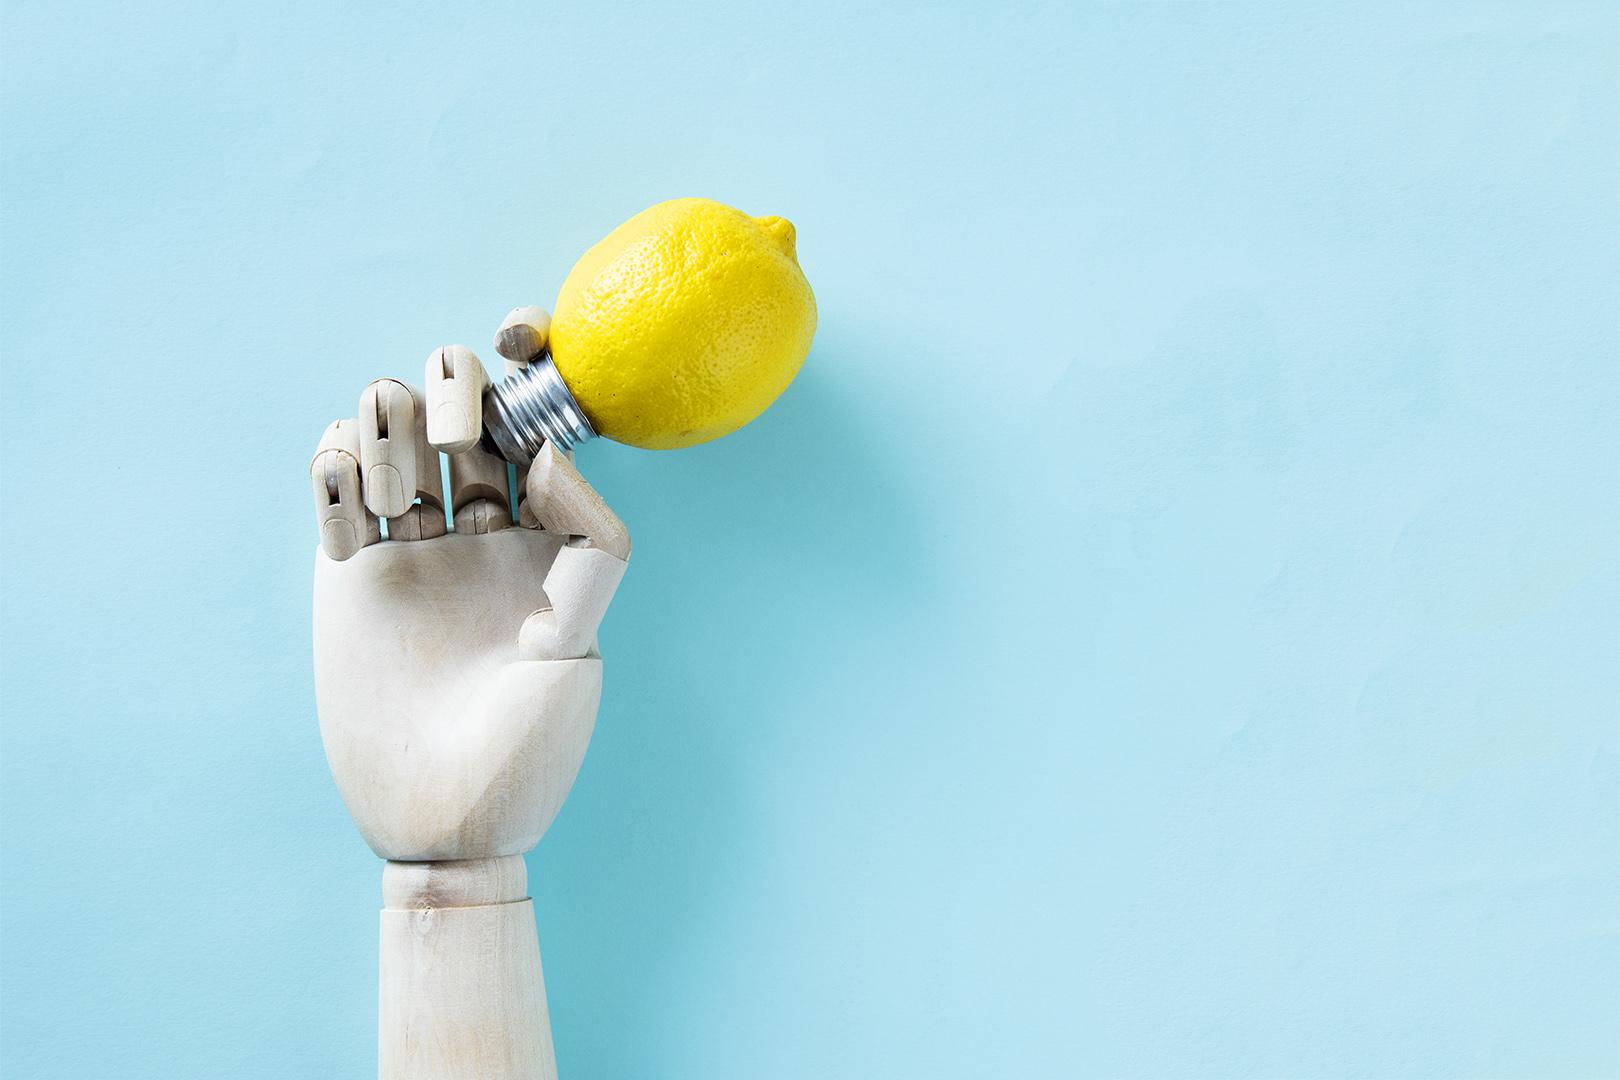 Você tem uma ideia inovadora com potencial para se tornar um negócio de impacto?